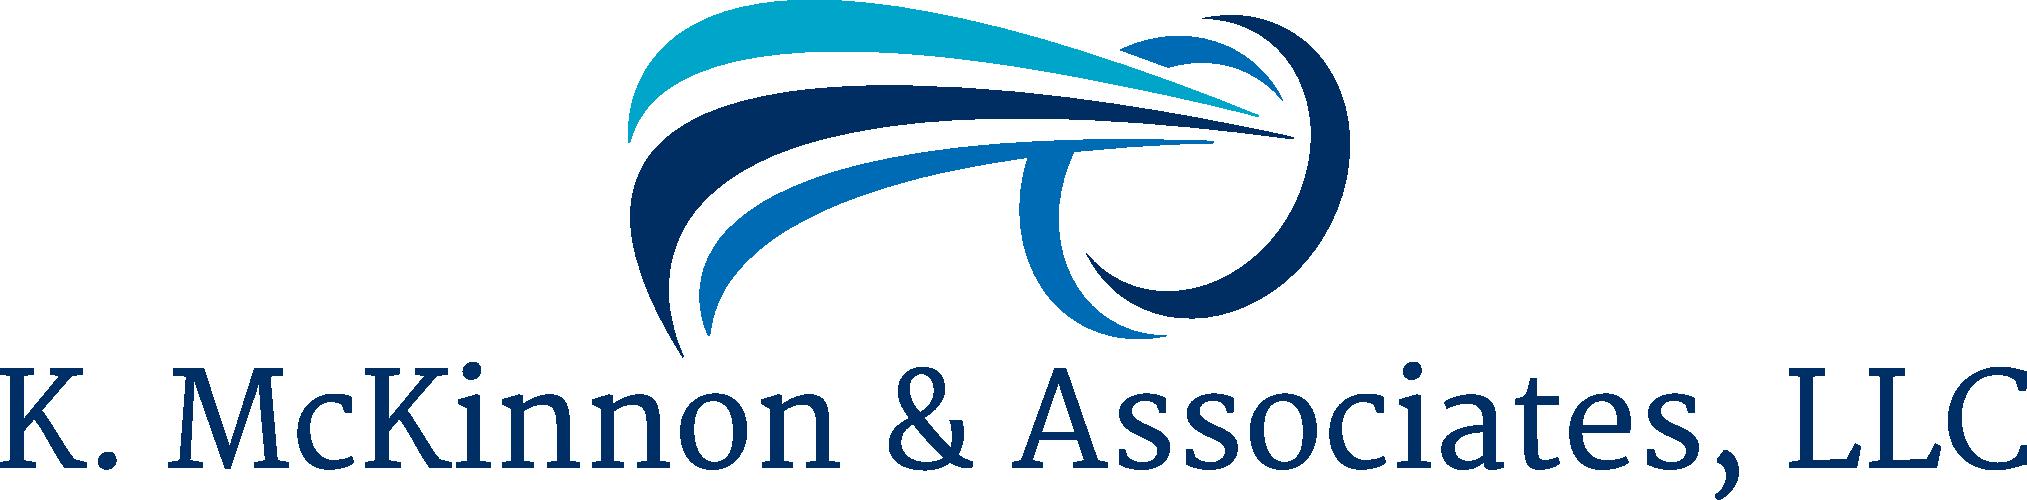 K McKinnon & Associates